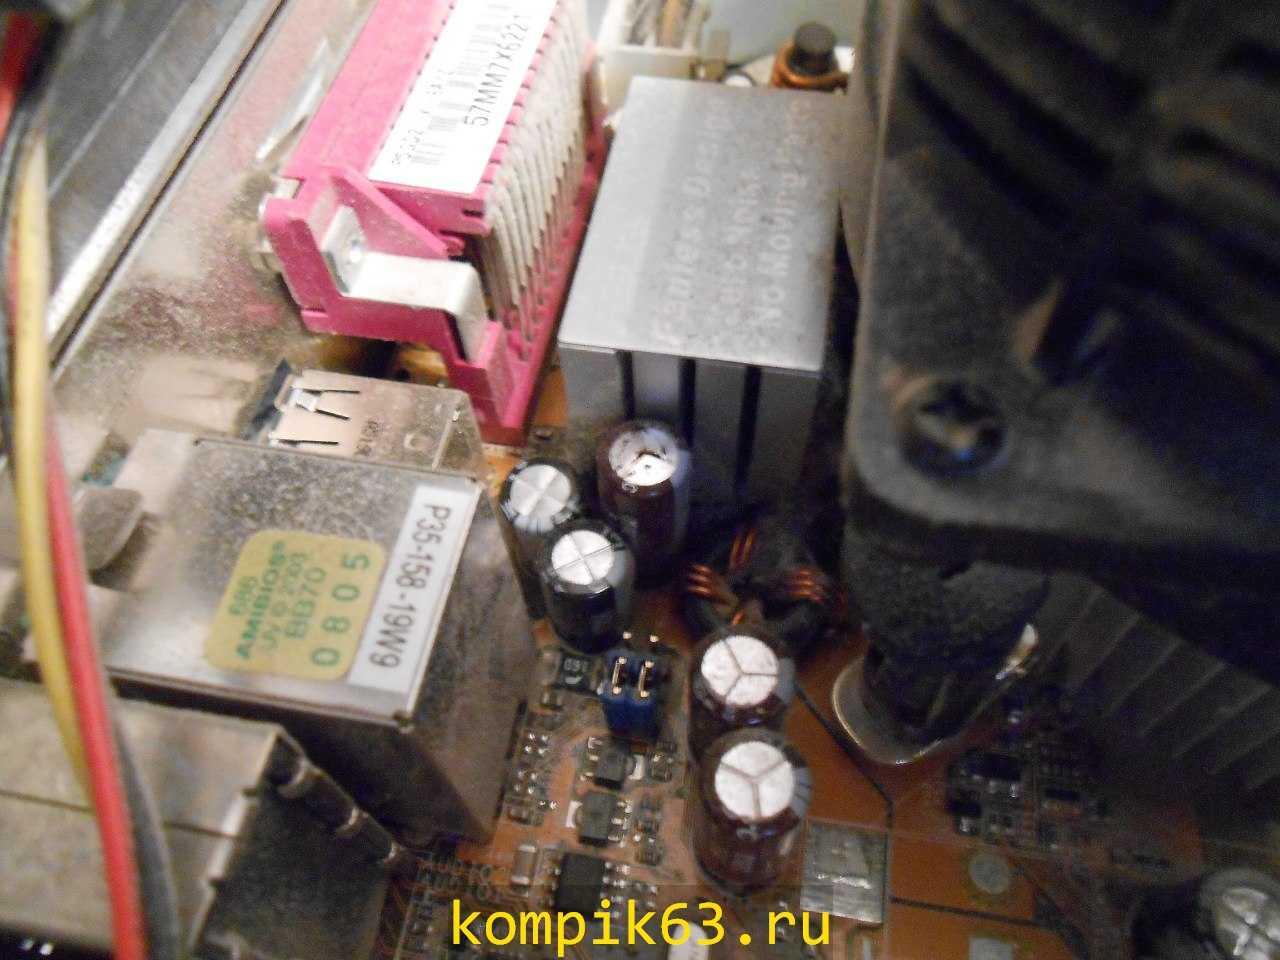 kompik63.ru-062